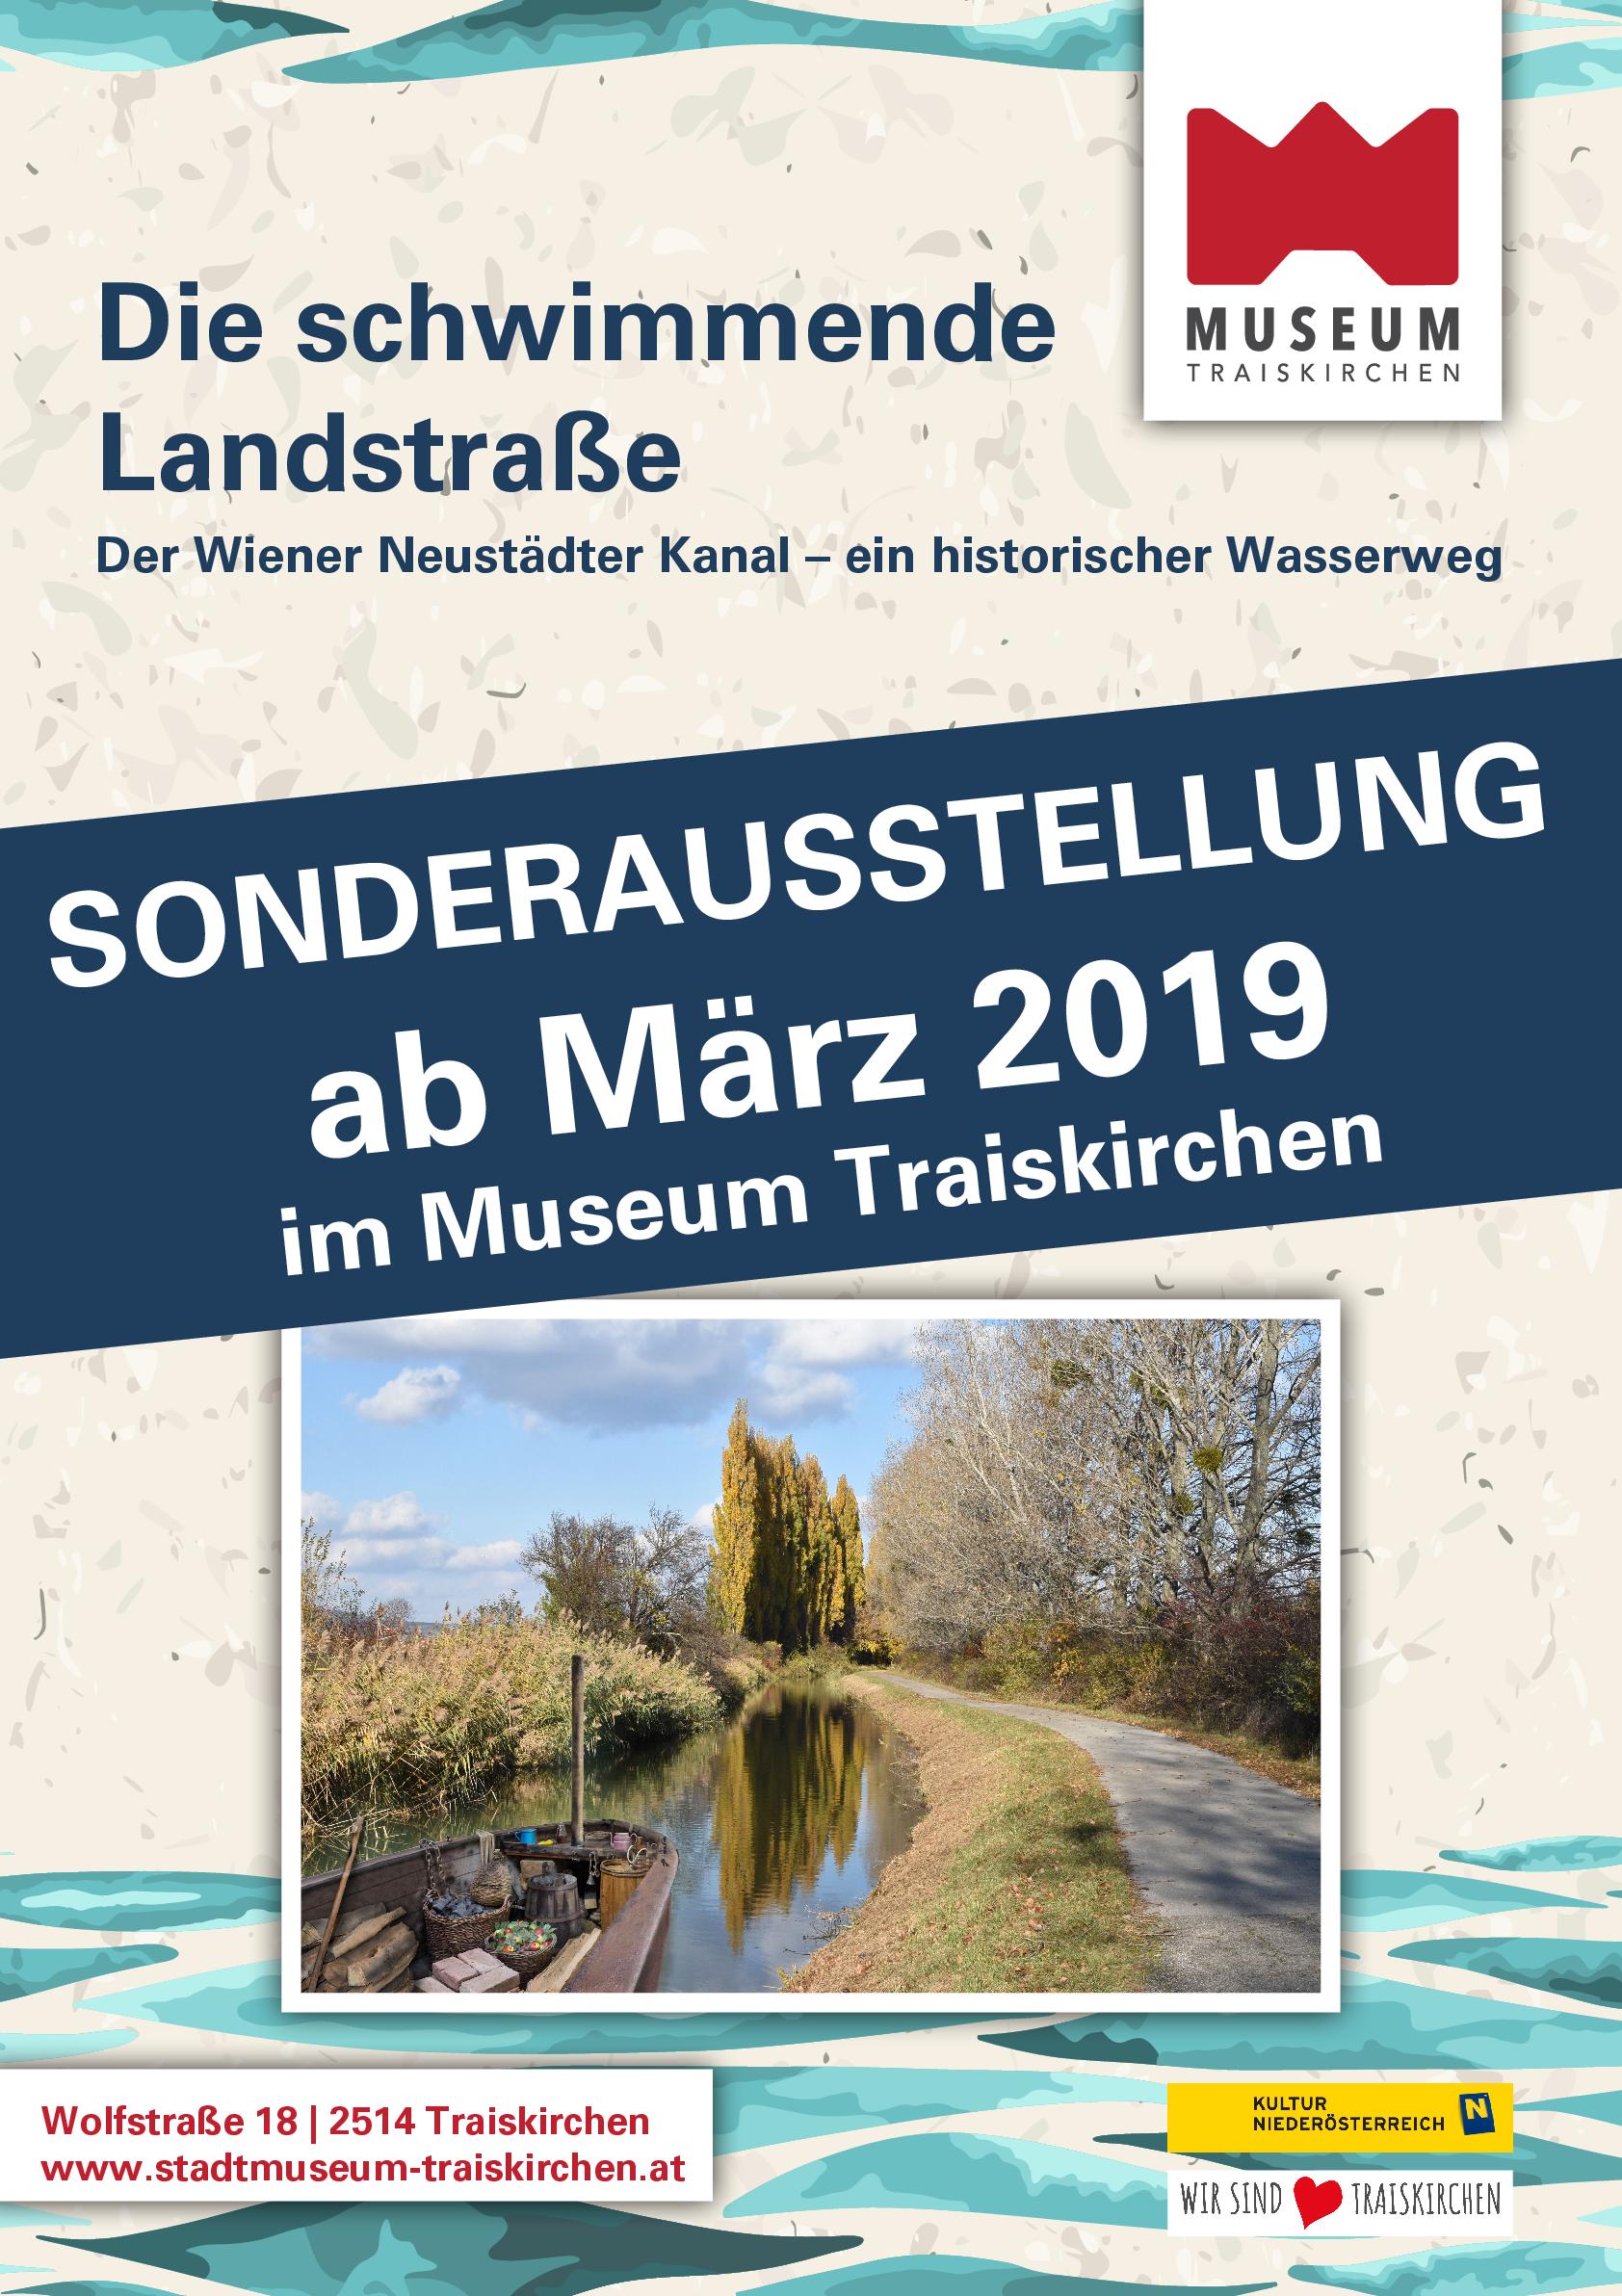 Schwimmende Landstraße Museum Traiskirchen